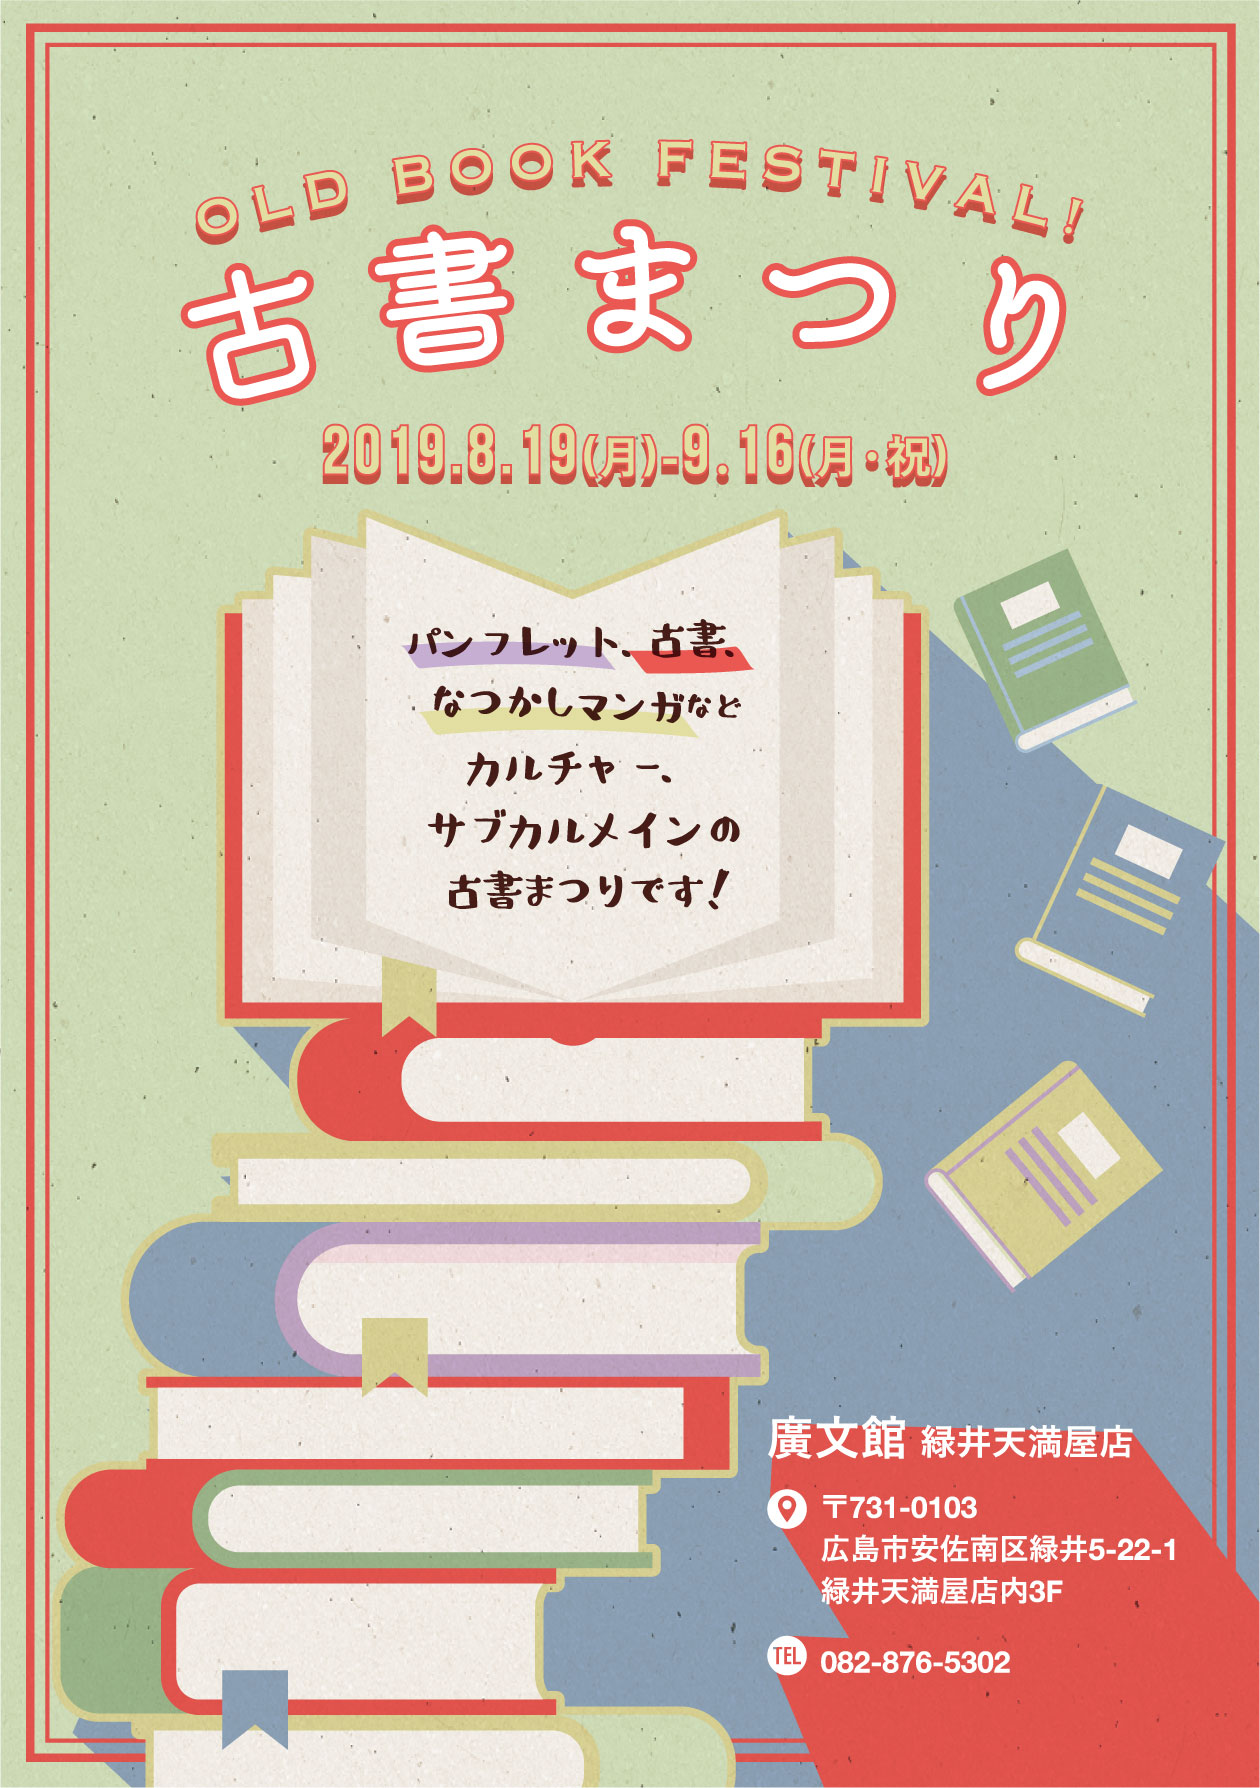 久しぶりに地元広島の書店さんでの「古書まつり」です。